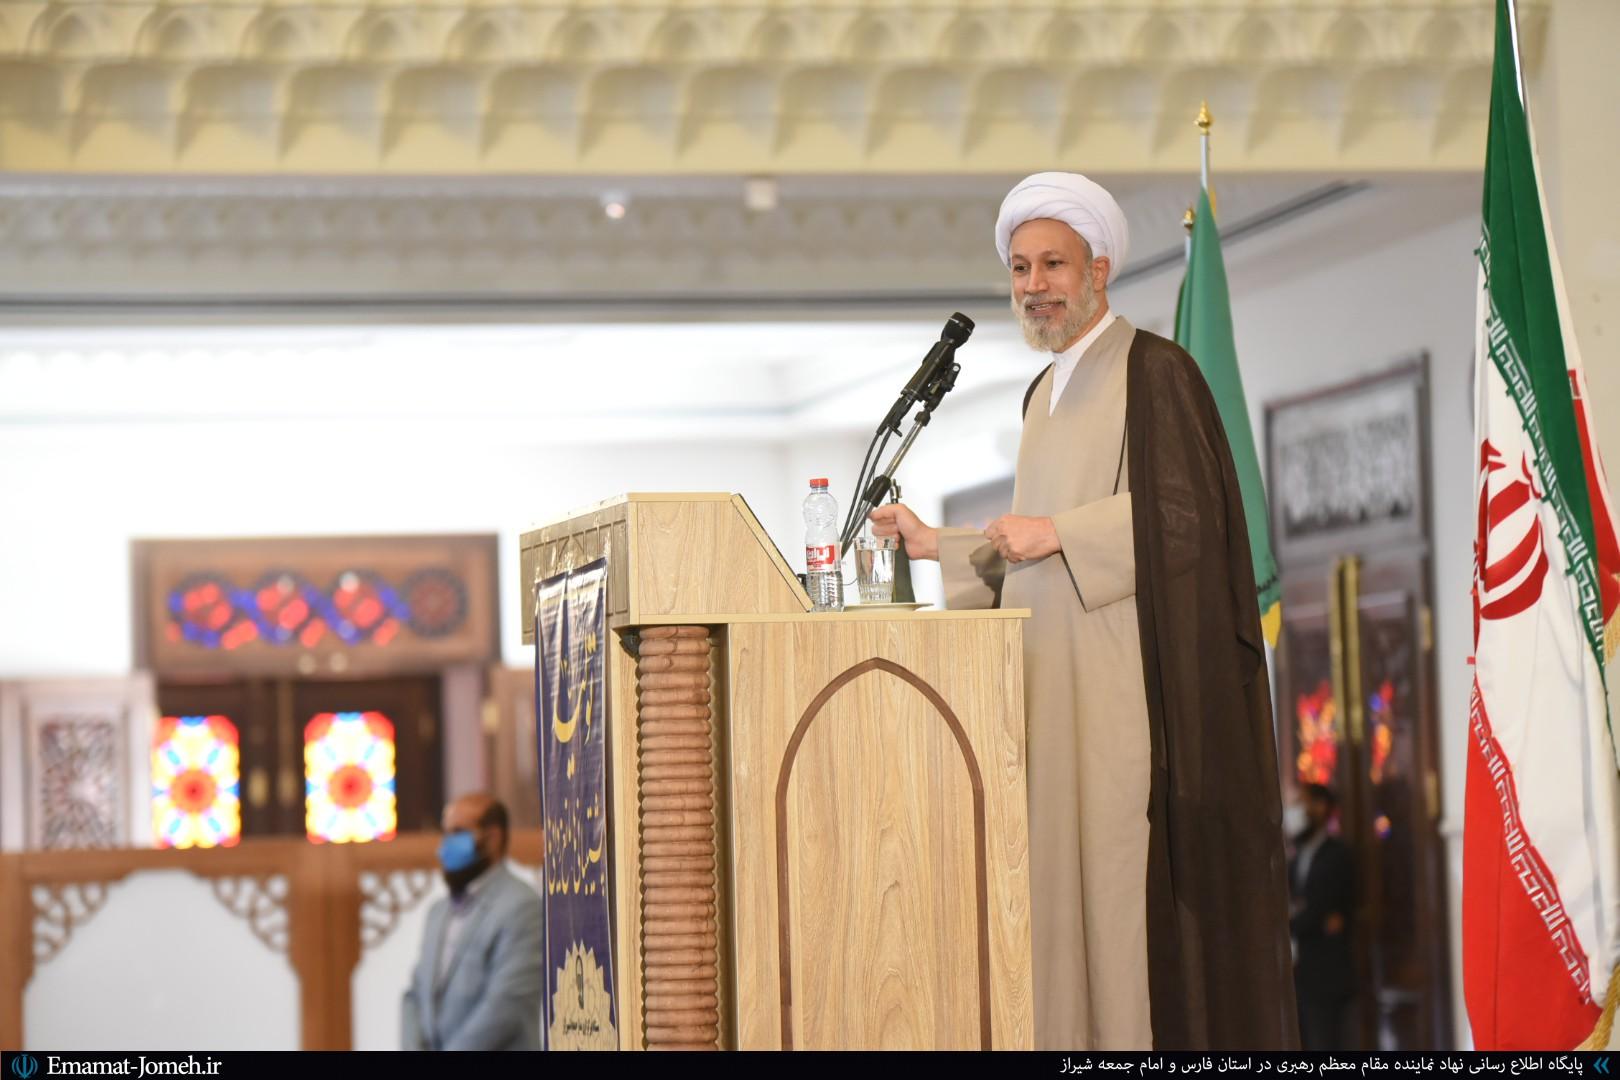 صوت خطبه های نماز جمعه ۲۵ تیر ۱۴۰۰ شیراز